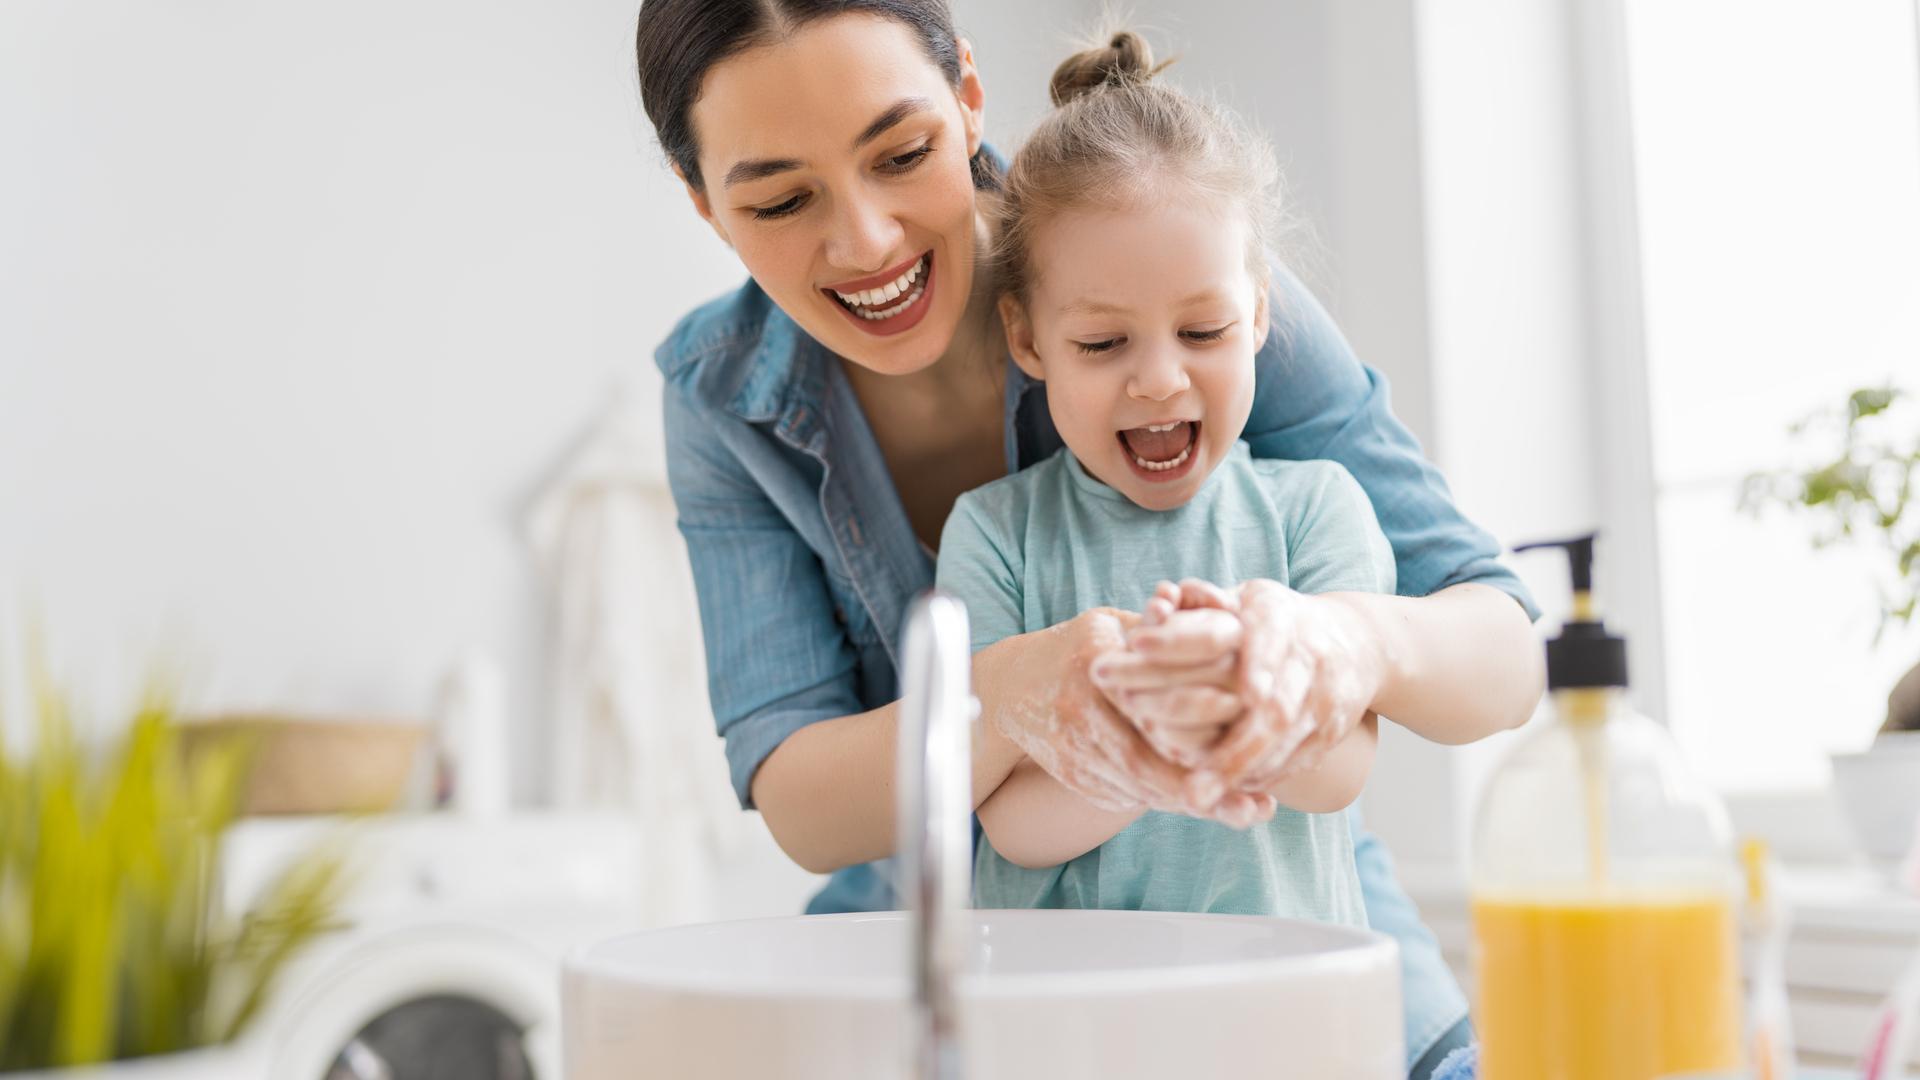 Hábitos de higiene: cómo prevenir enfermedades contagiosas